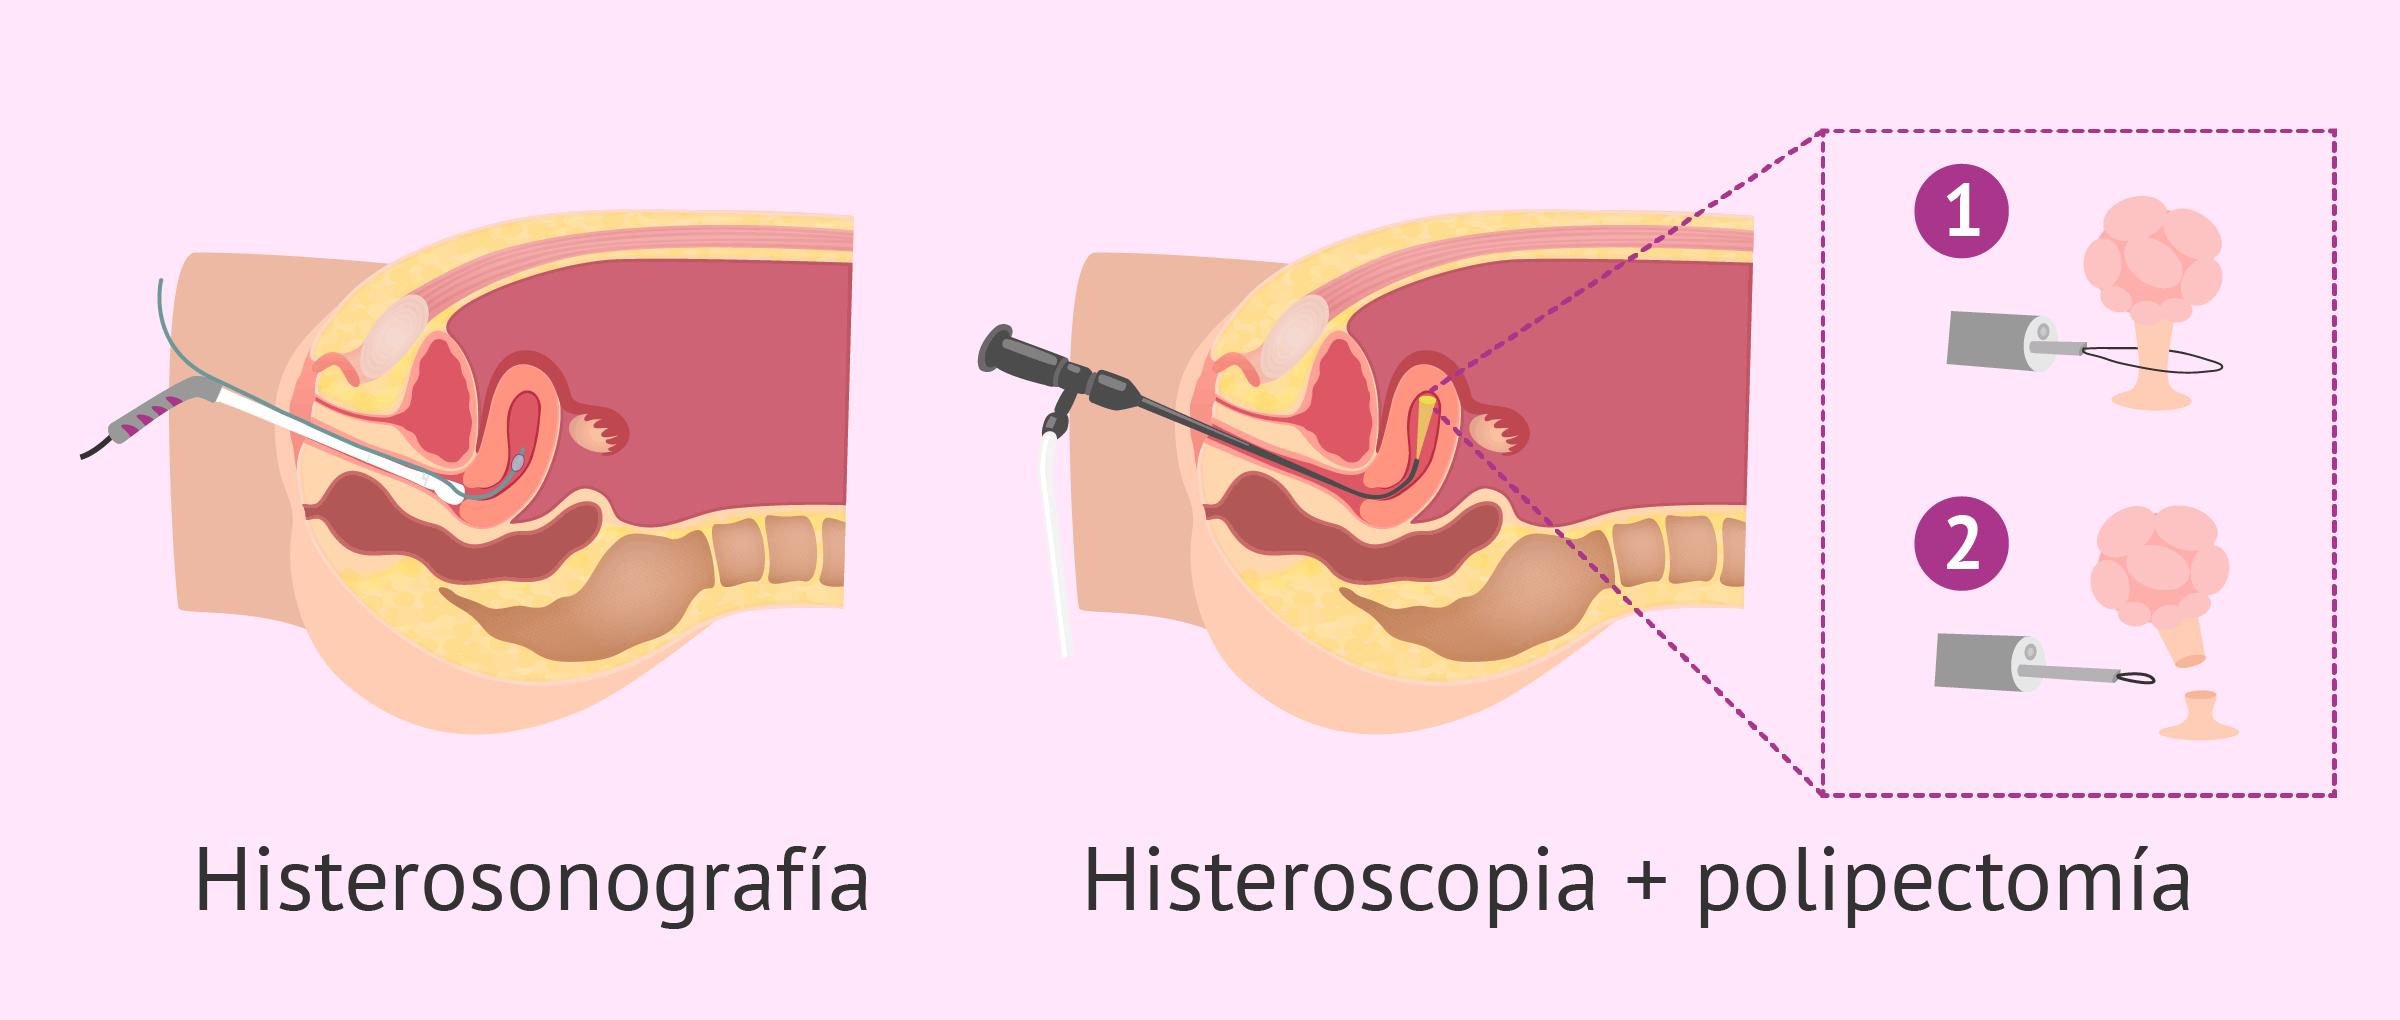 Diagnóstico y tratamiento de los pólipos endometriales